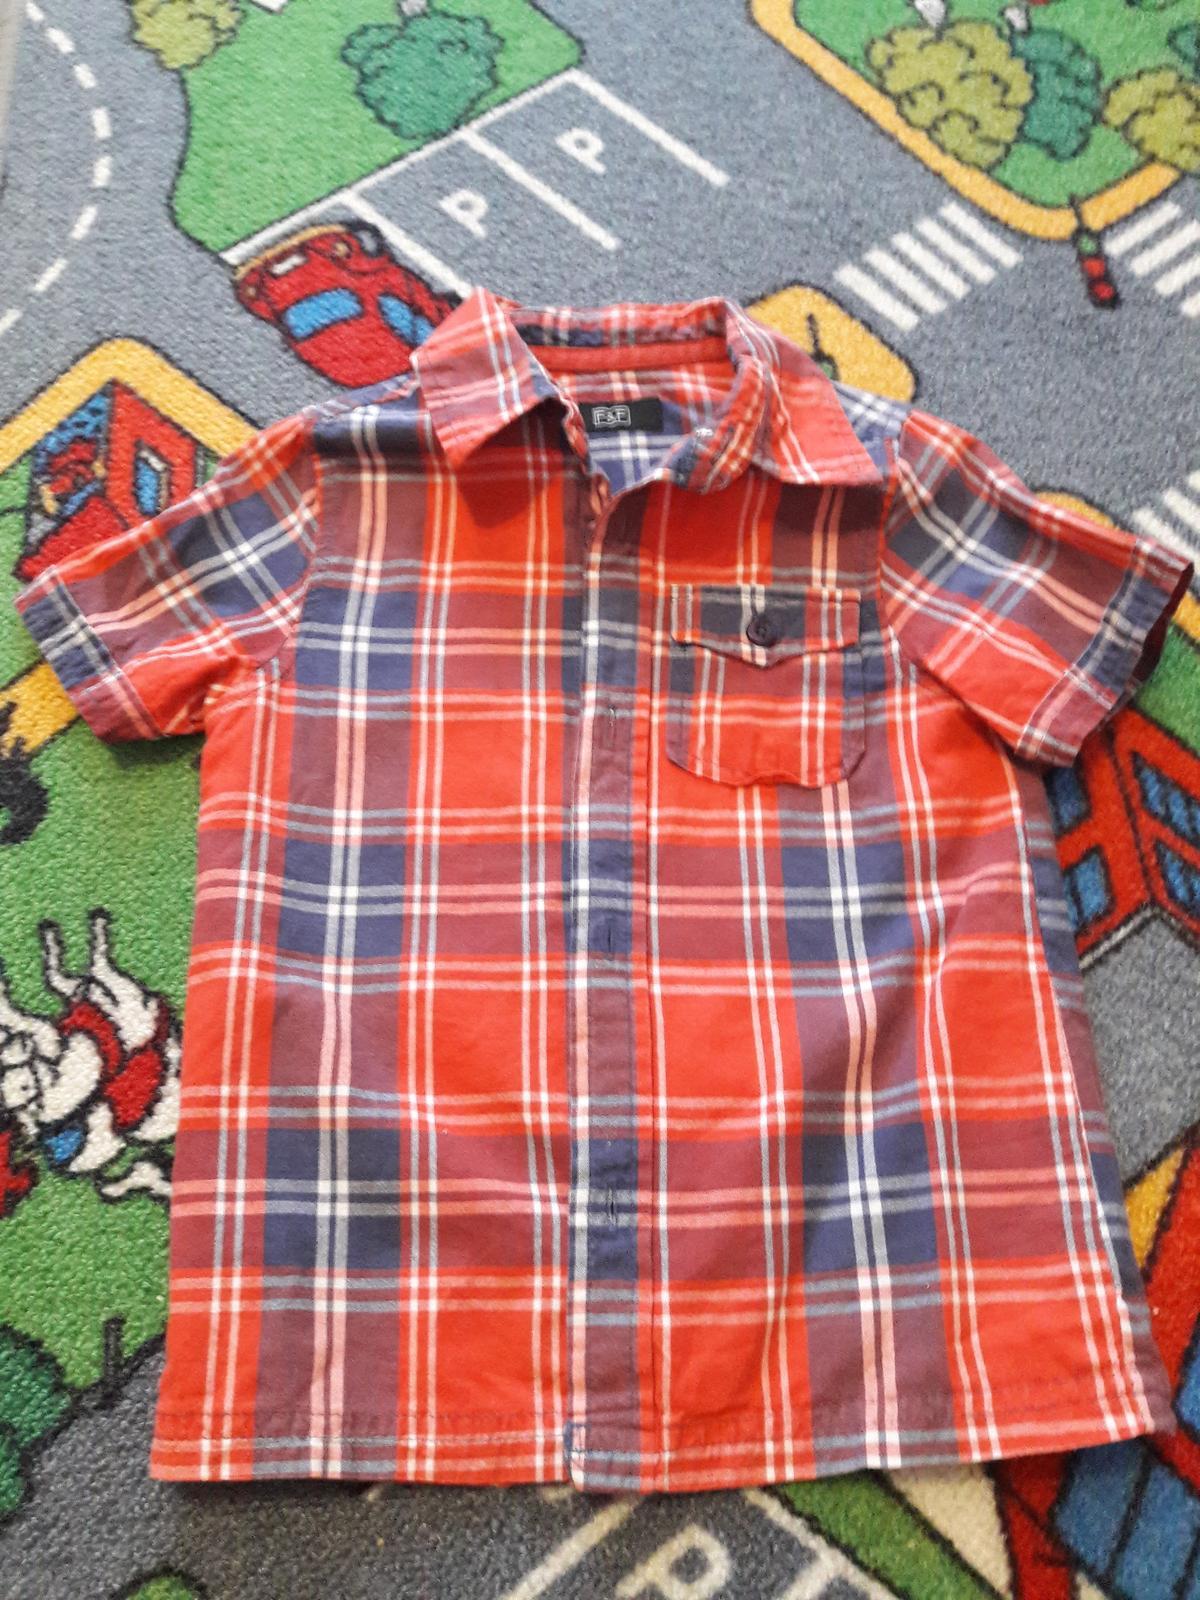 Košile - dětská -vel. cca 98 -104, F&F - Obrázek č. 2